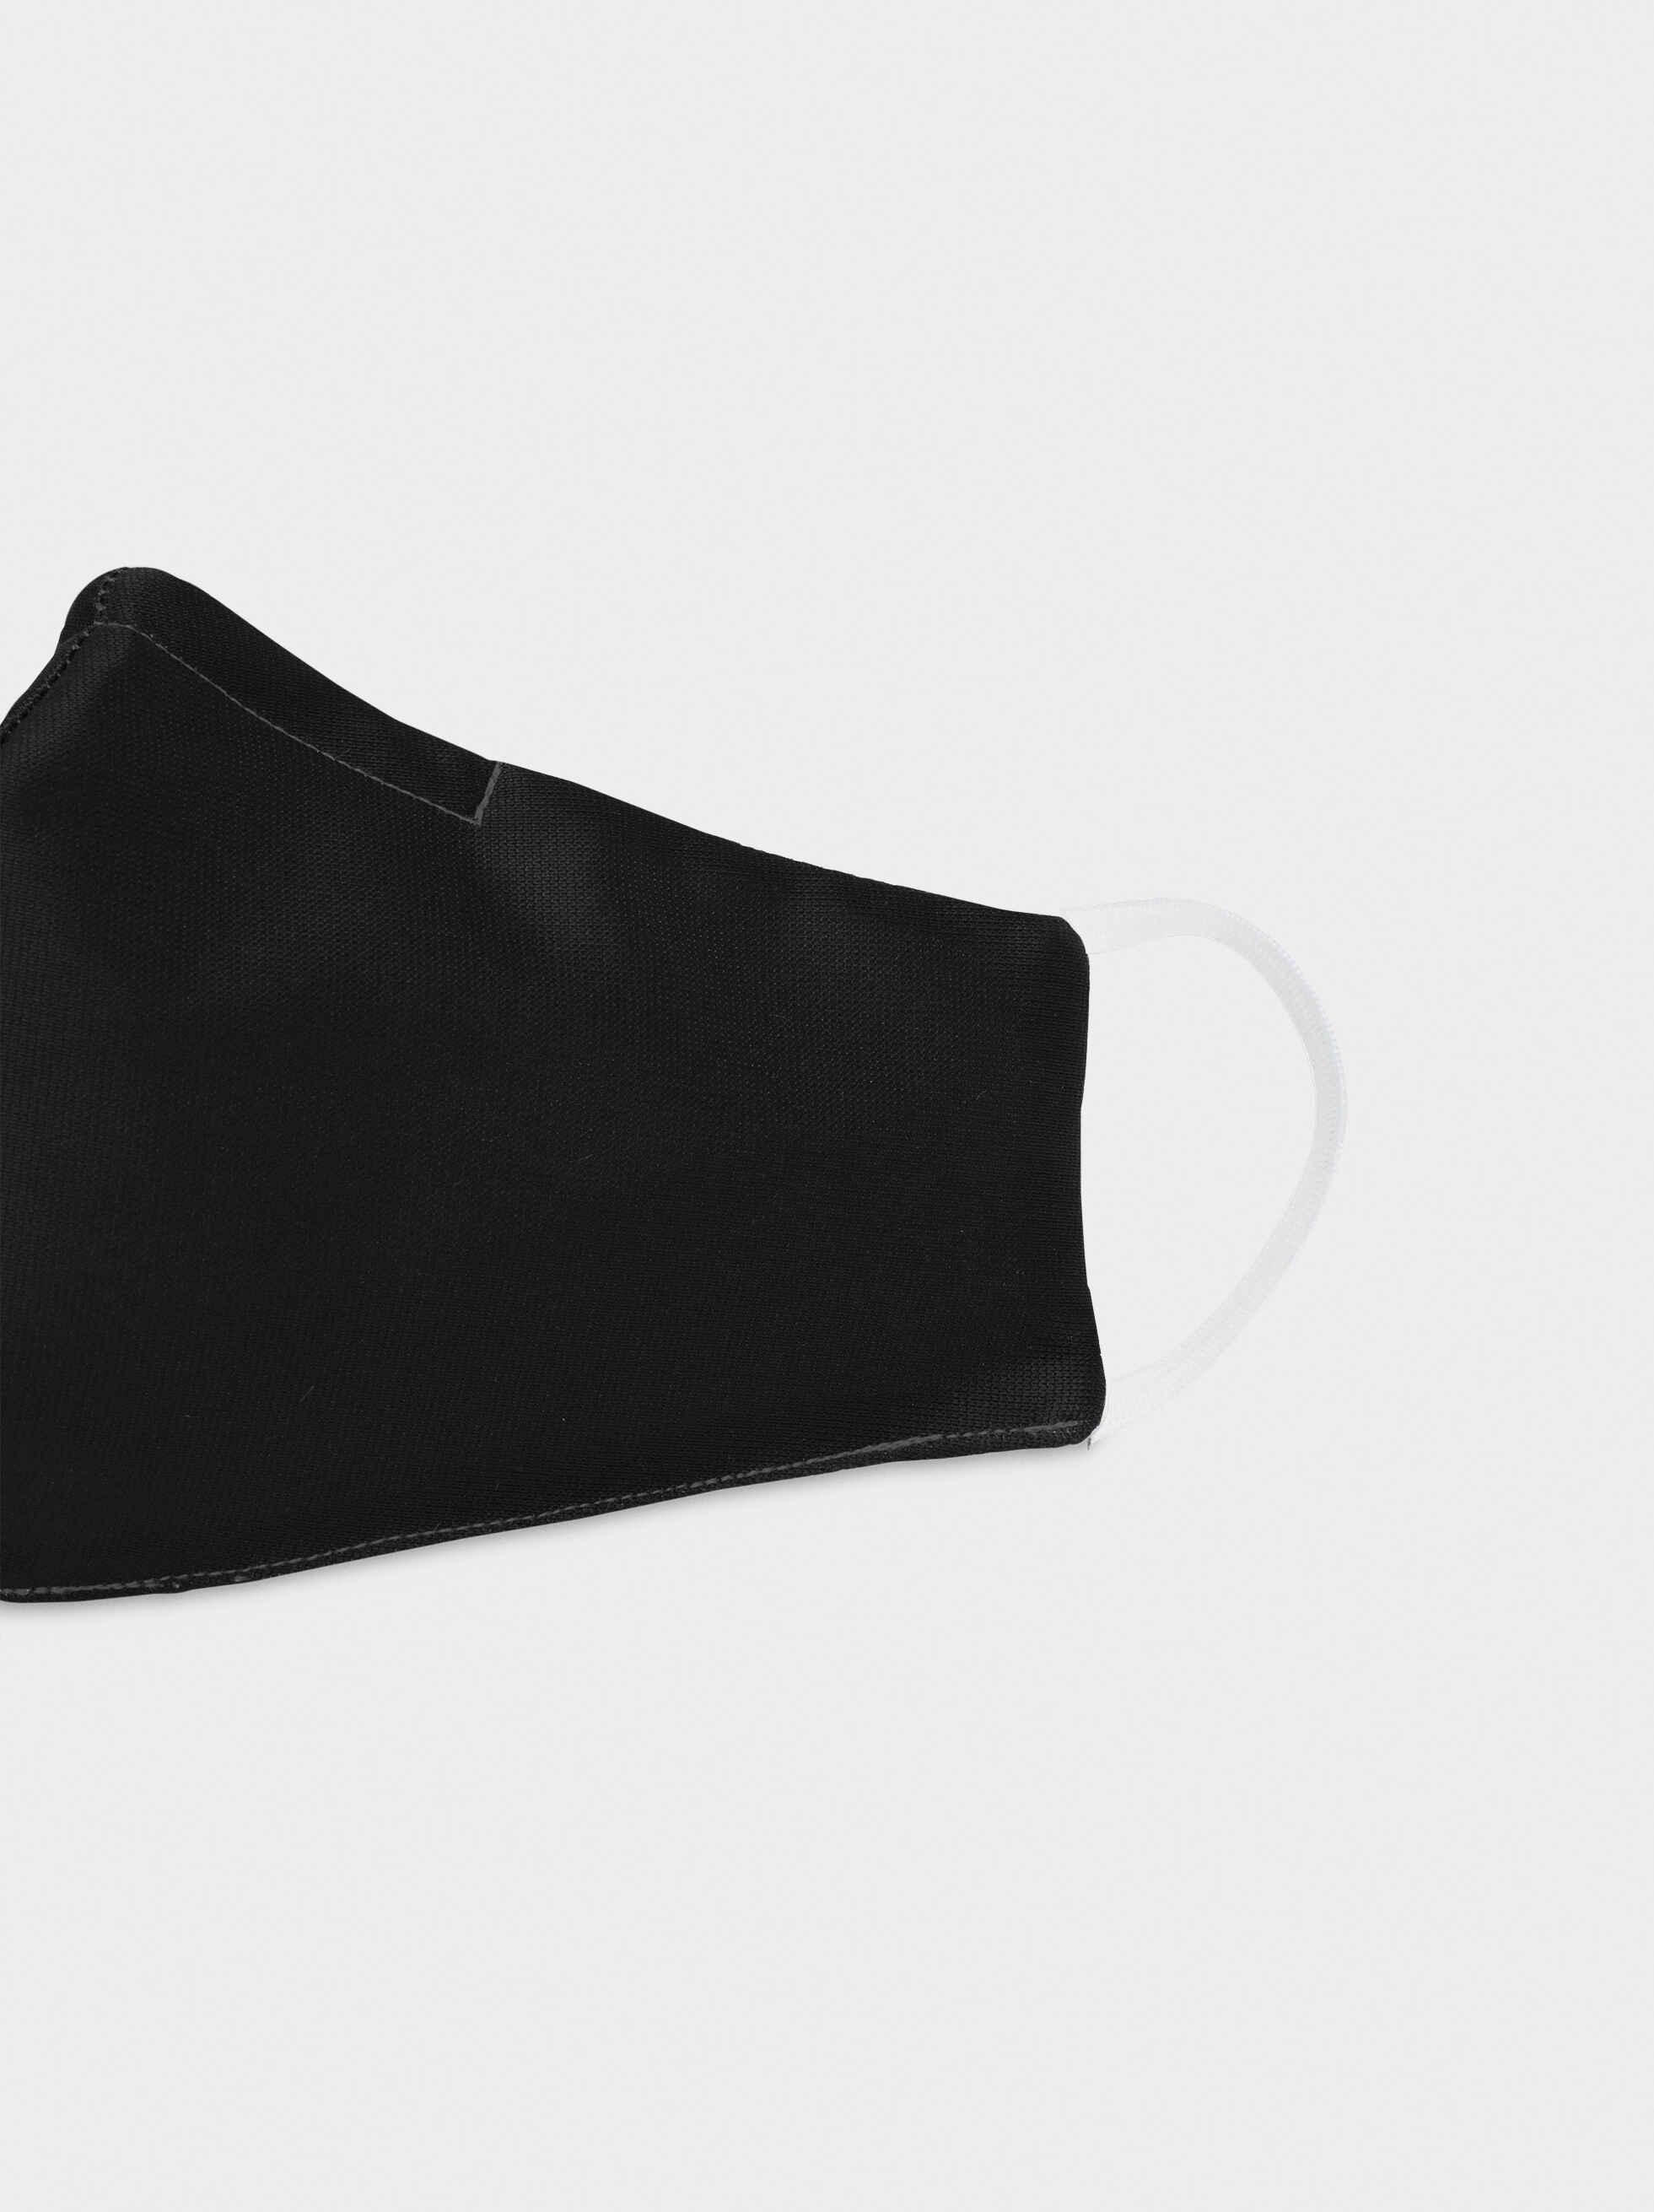 Mascarilla Reutilizable Negra, Negro, hi-res